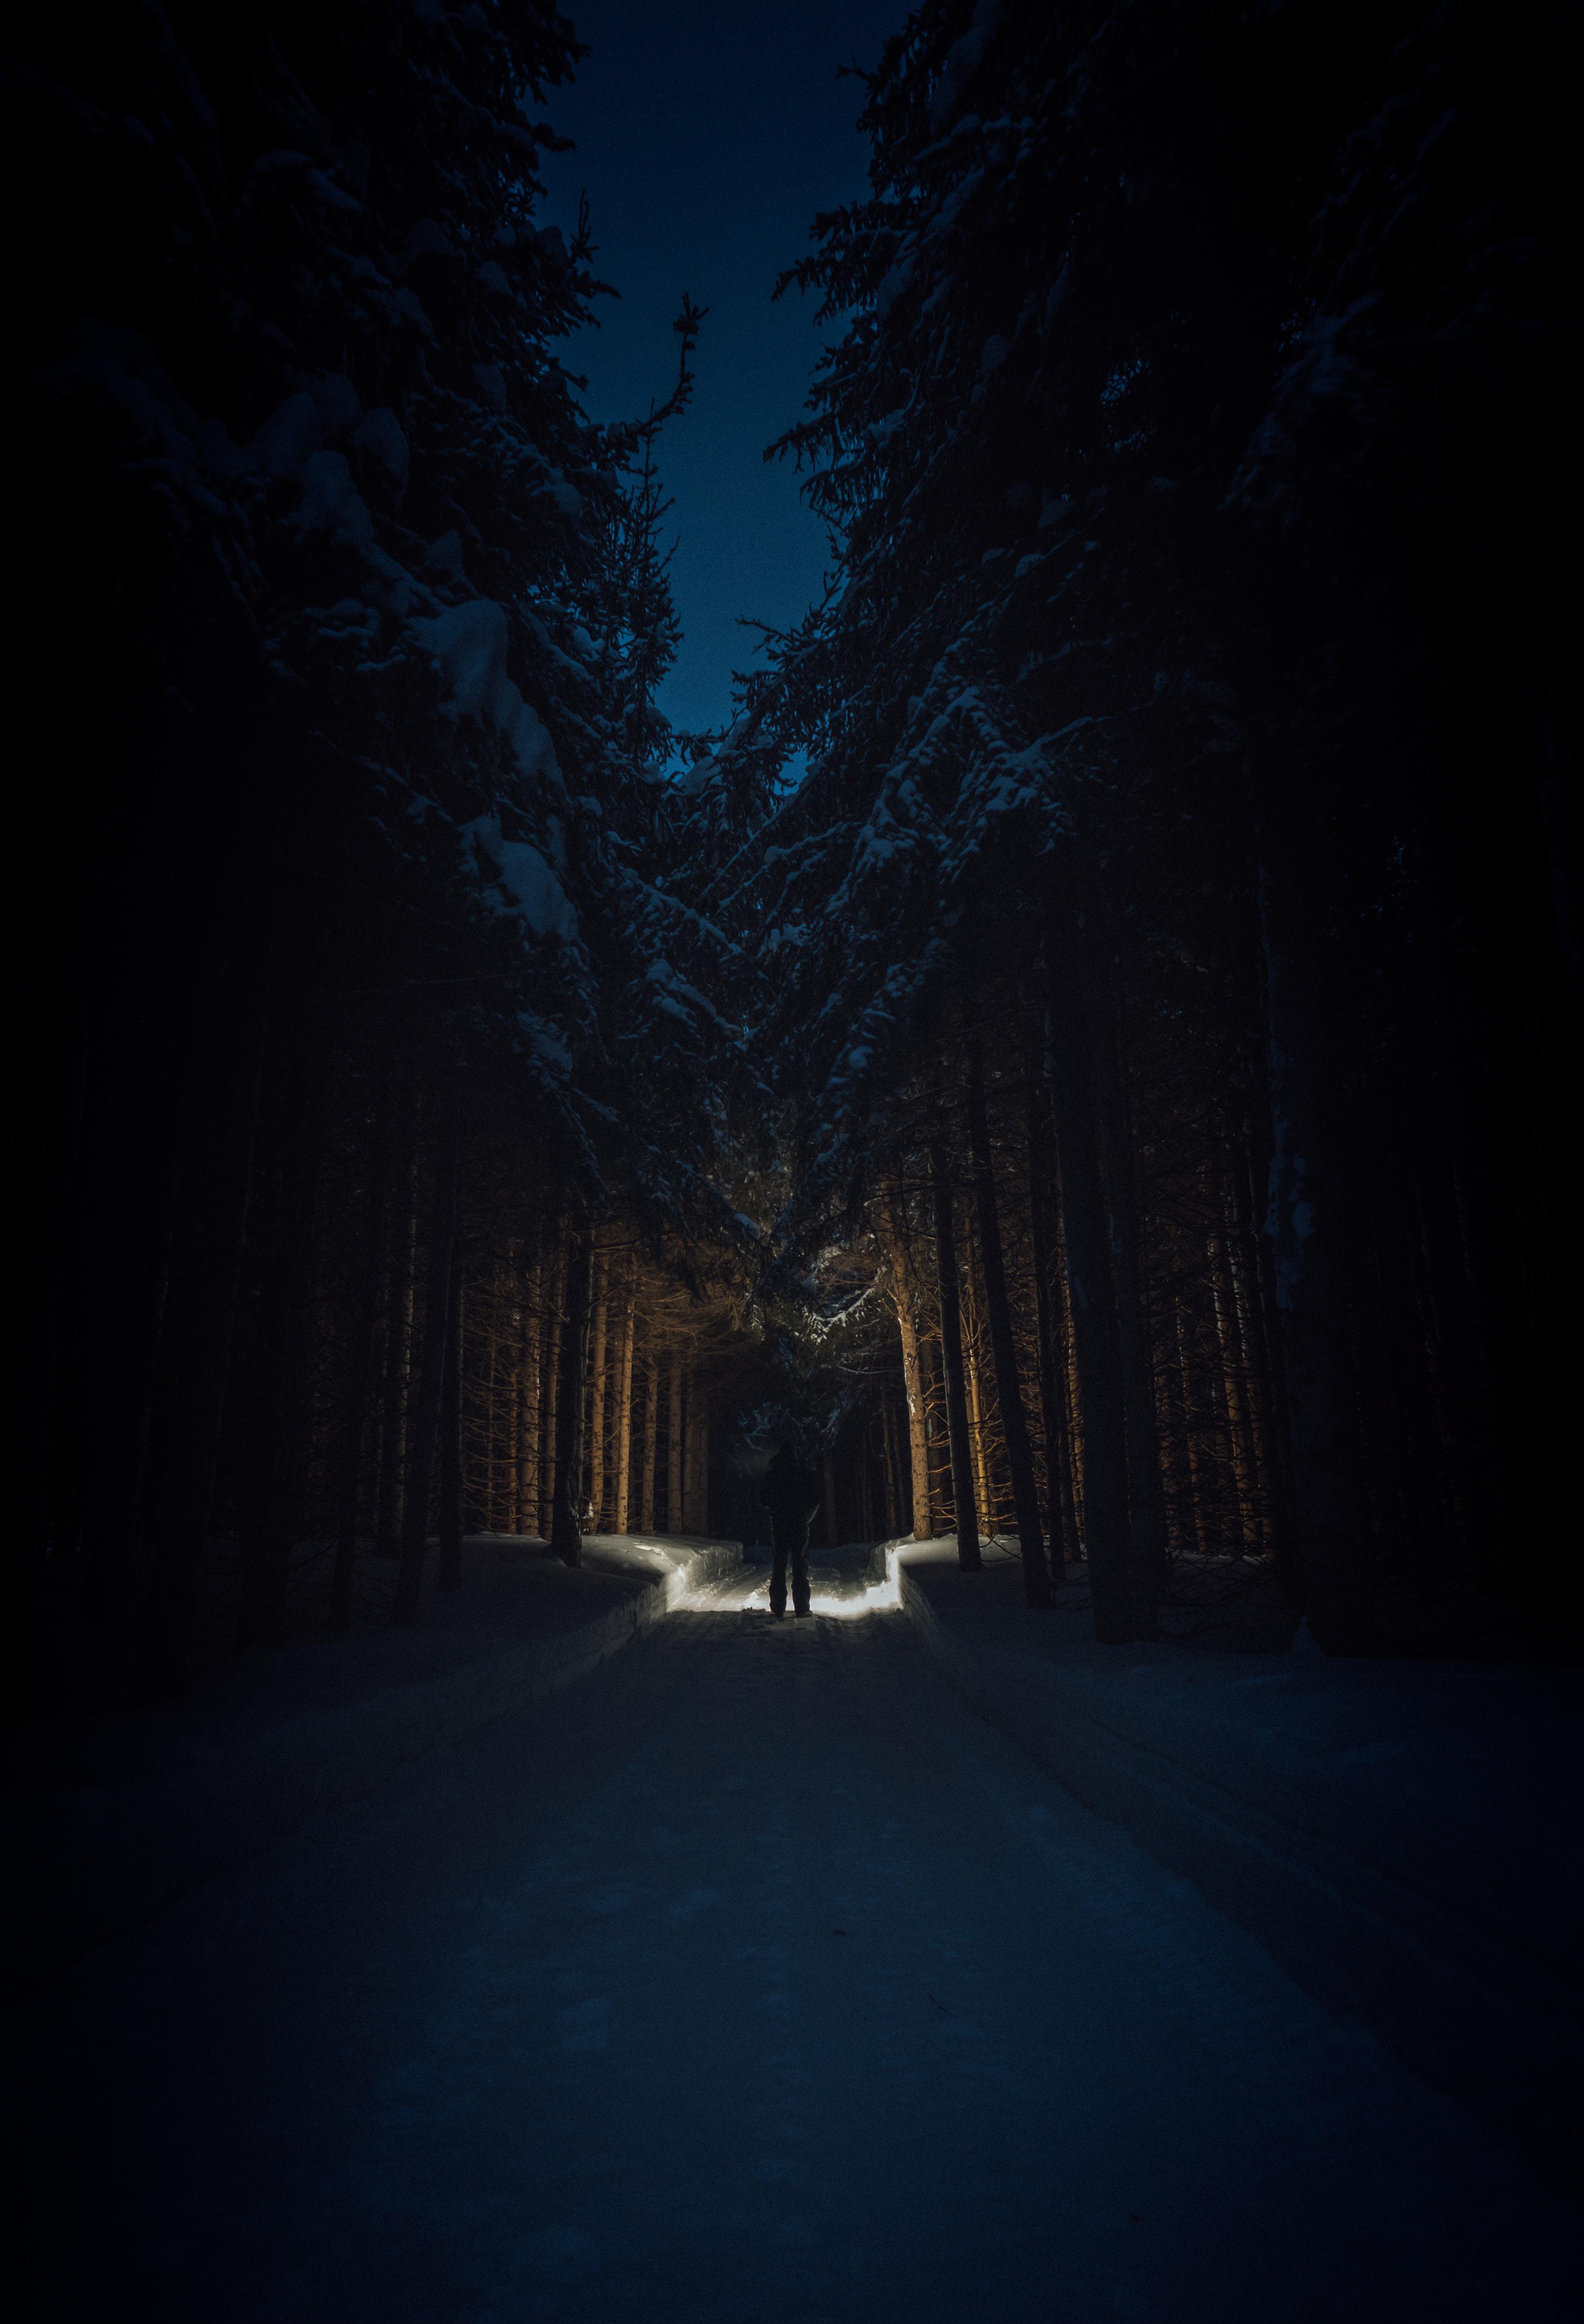 143845 скачать обои Дорога, Деревья, Снег, Темные, Силуэт, Лес - заставки и картинки бесплатно